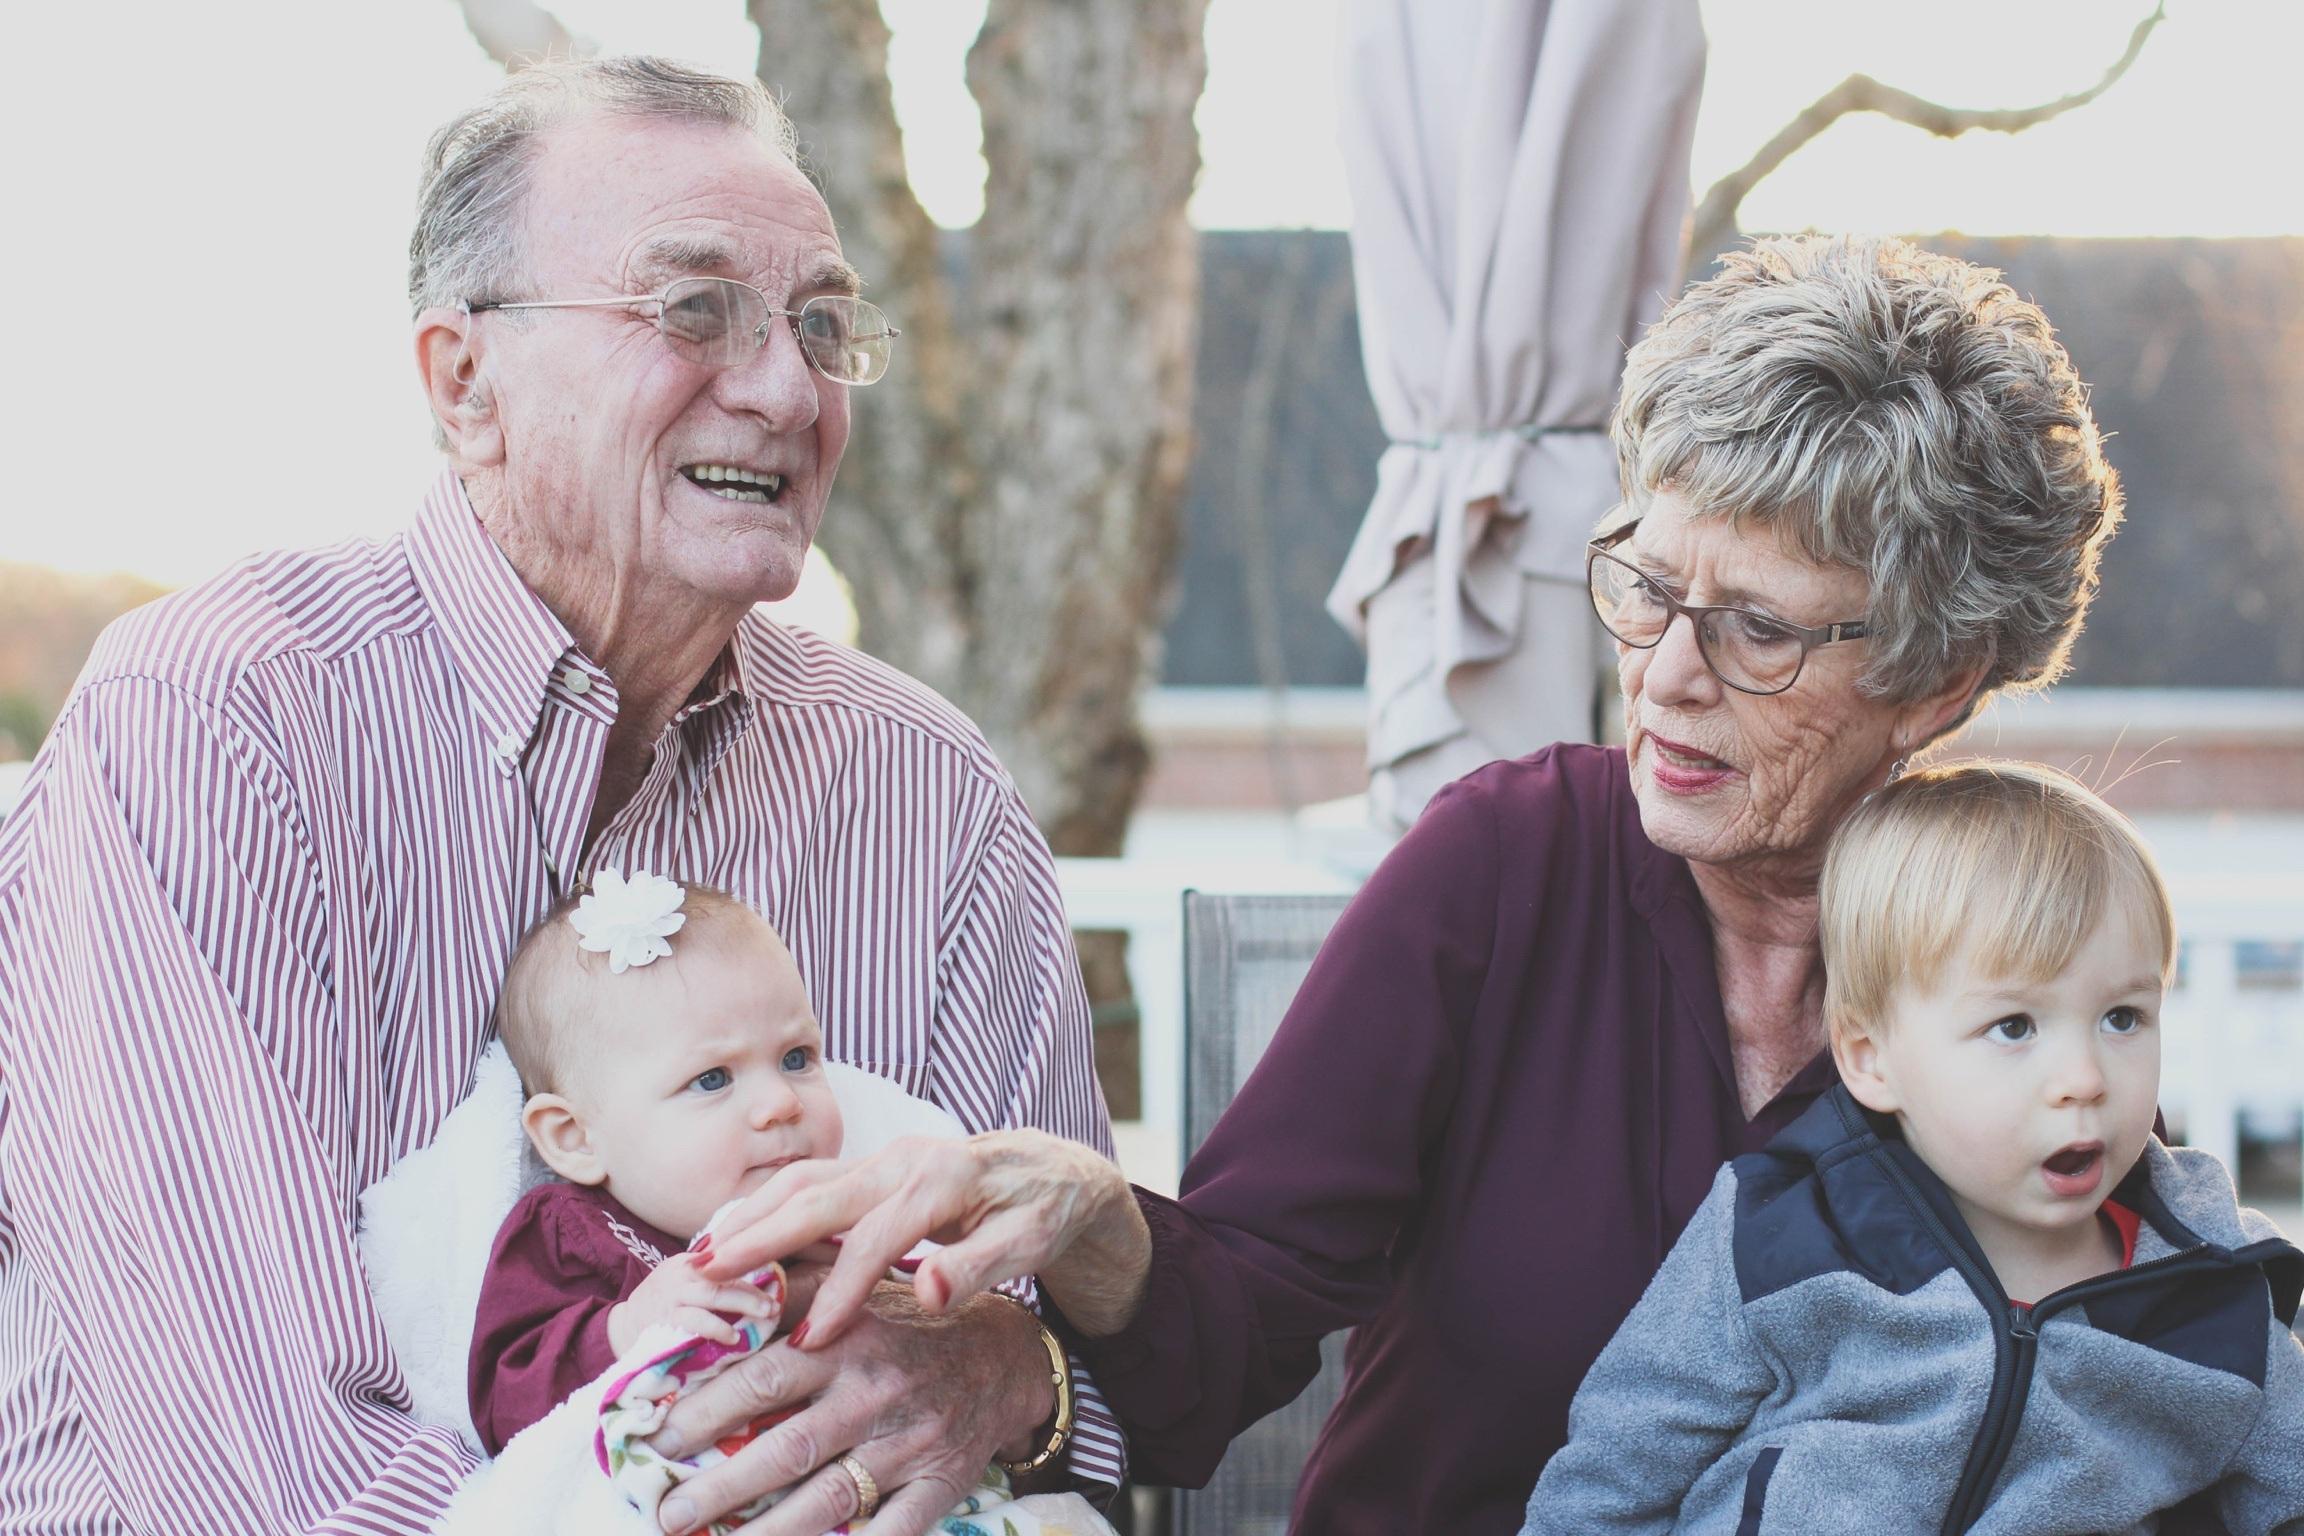 Alimentación en personas mayores: comer bien para vivir más